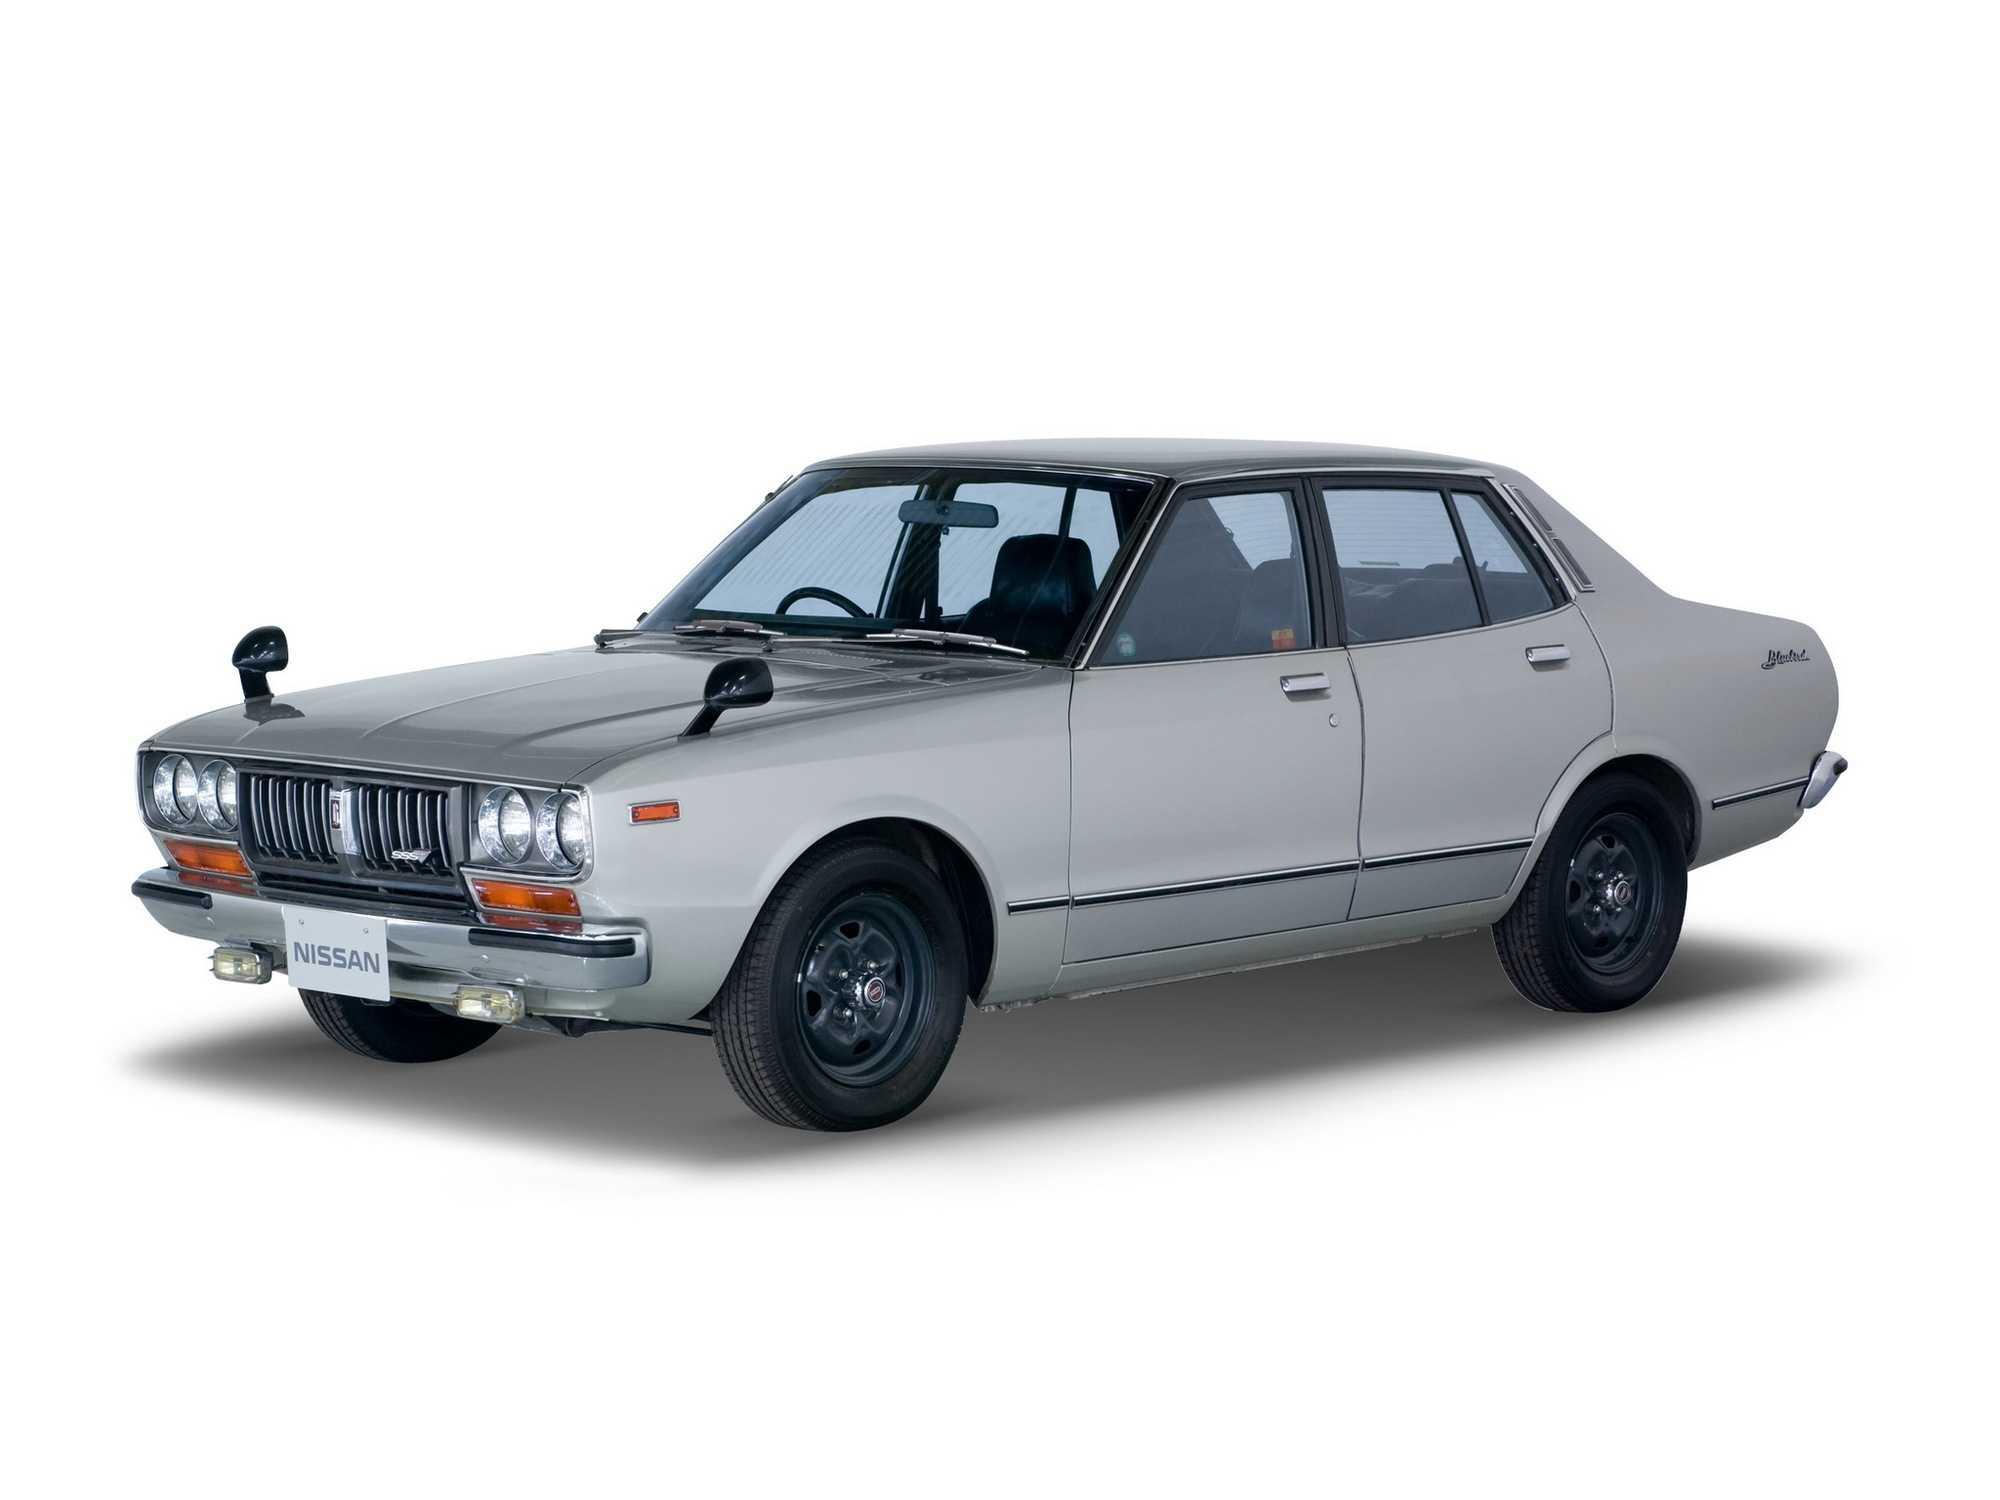 Nissan bluebird (ниссан блюбёрд) - продажа, цены, отзывы, фото: 536 объявлений